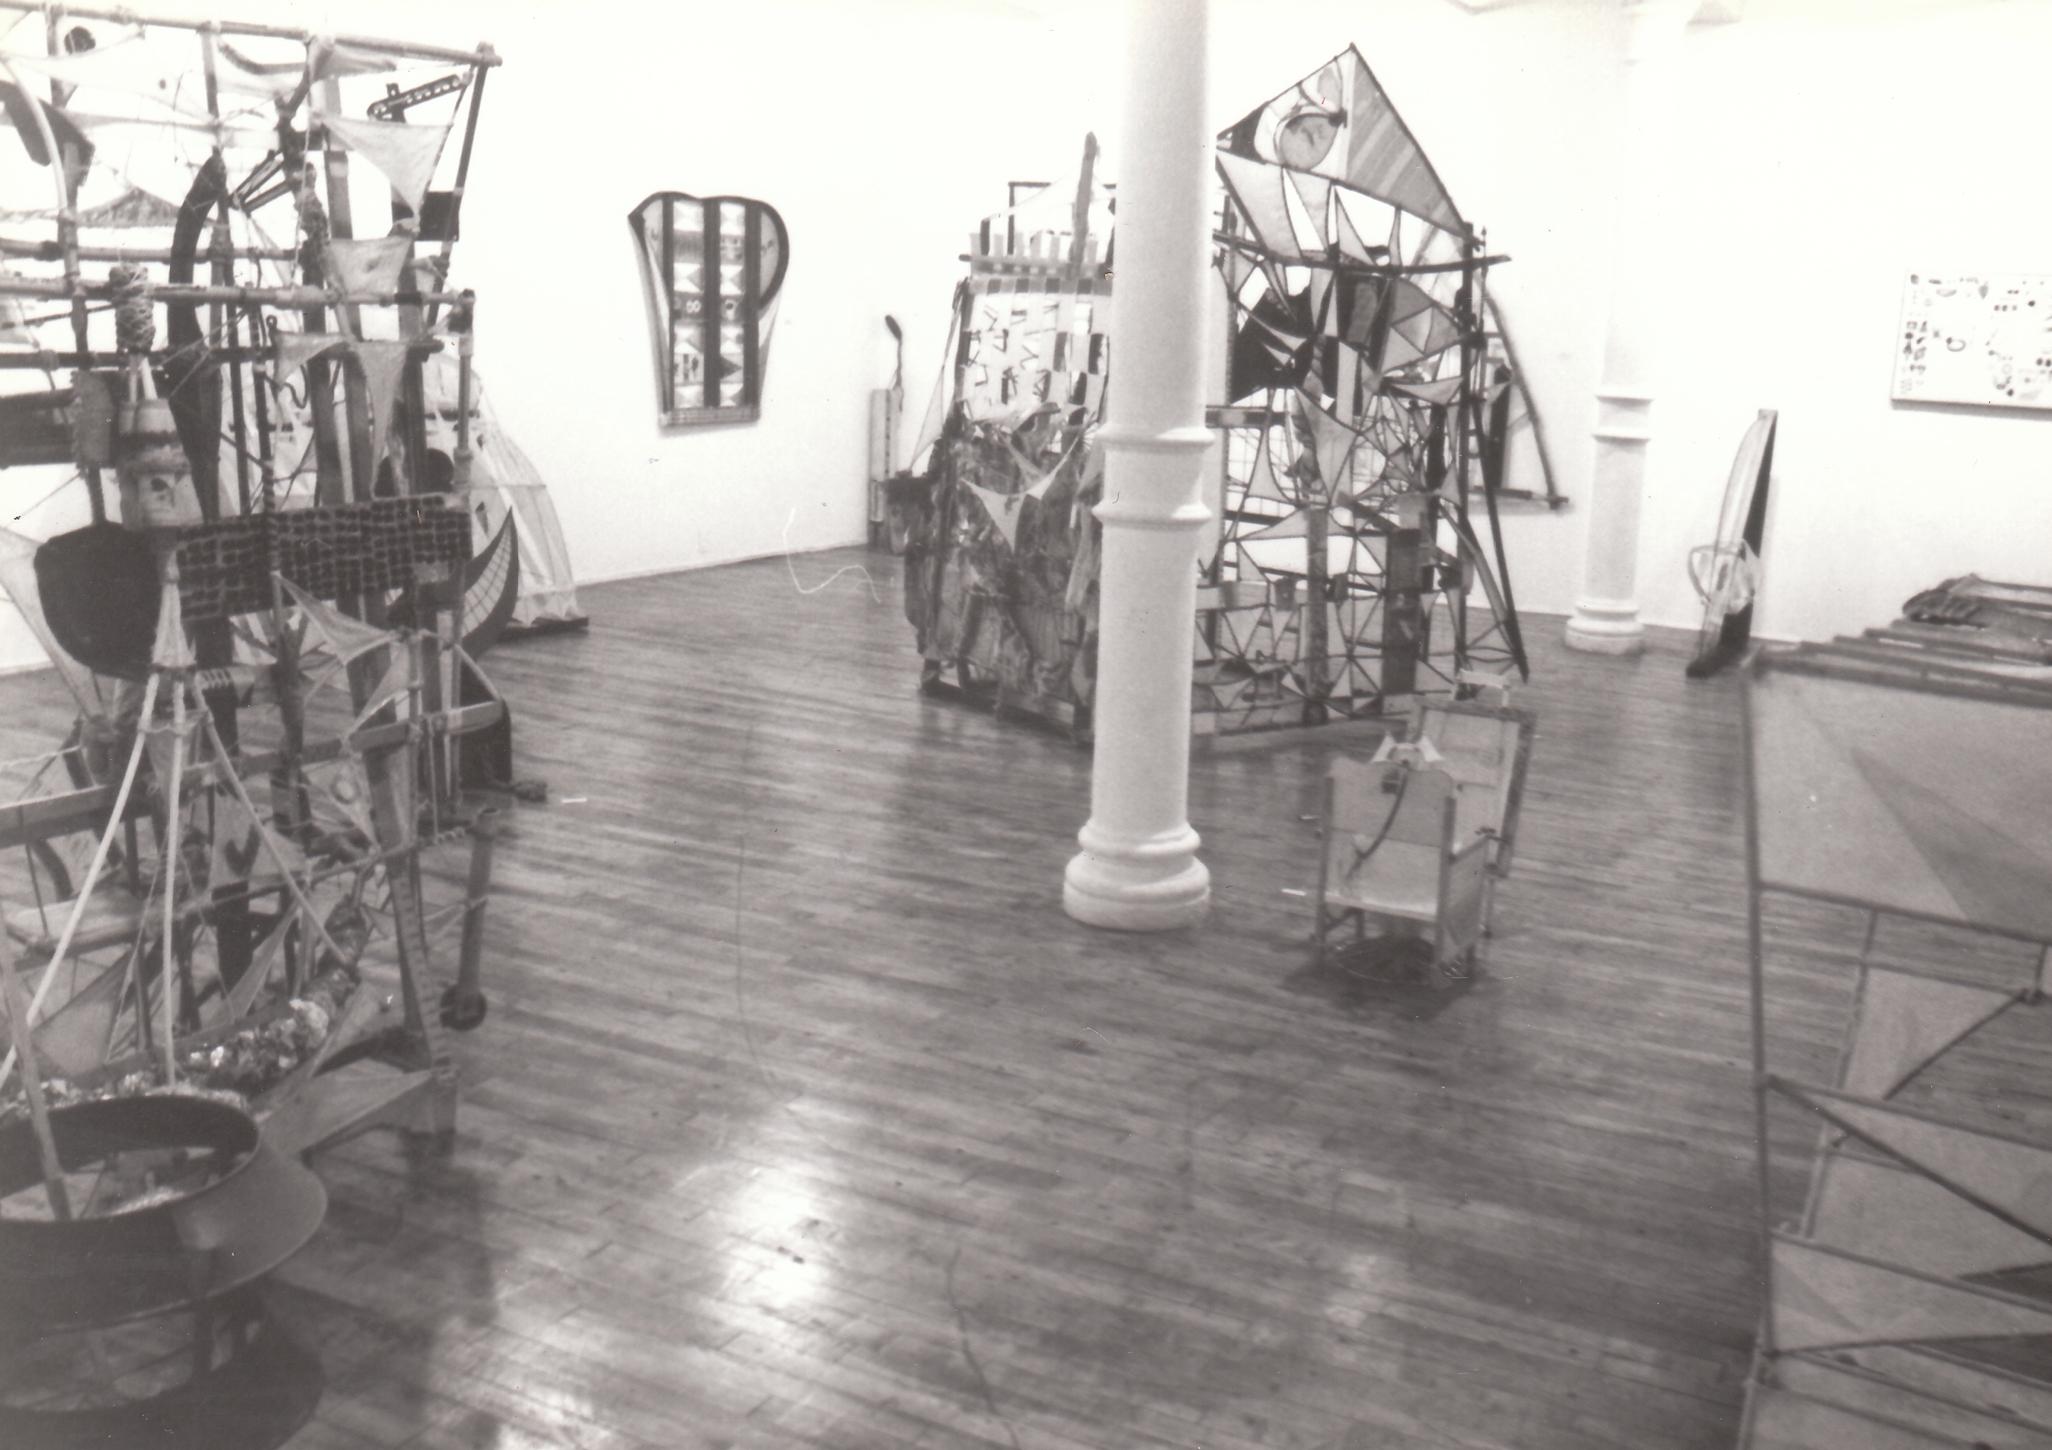 1980 Phyllis Kind Gallery NYC _0010.jpg